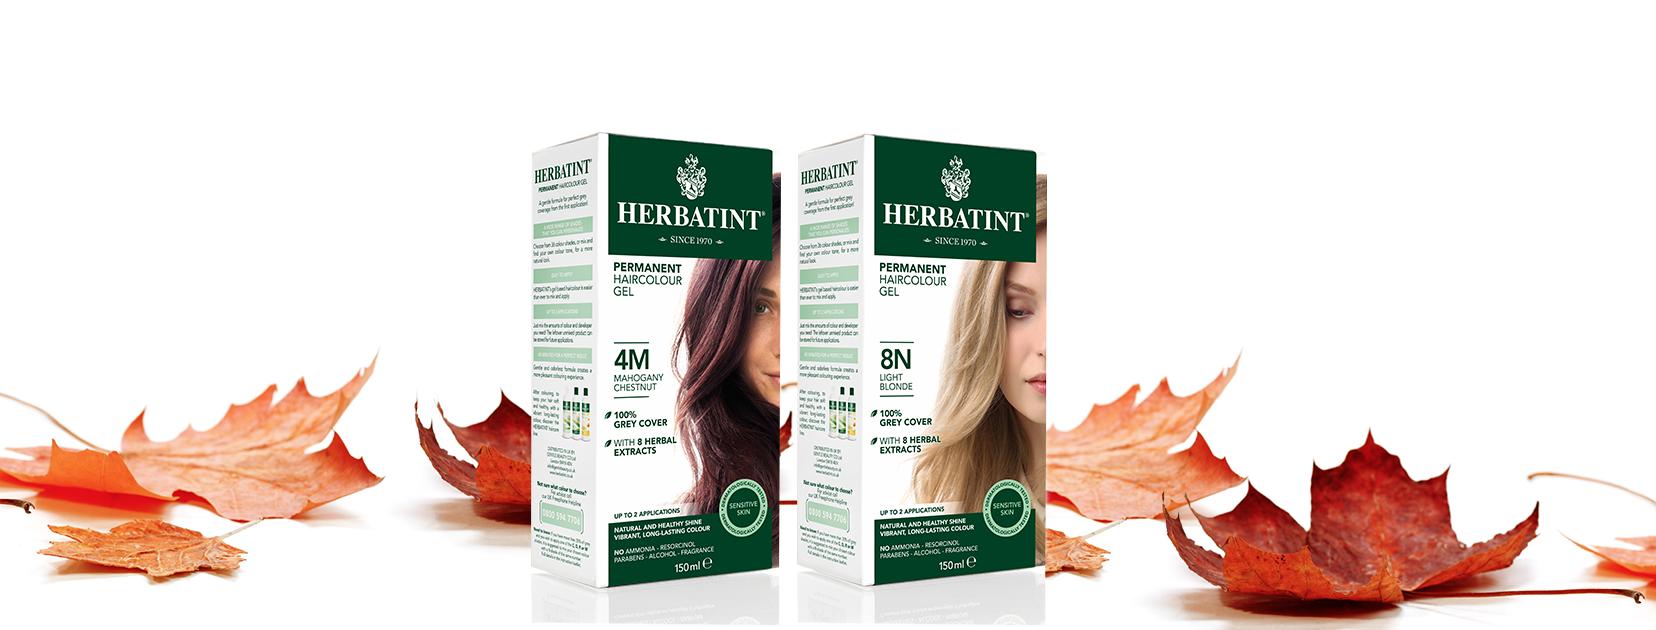 Herbatint - šetrnější bylinné permanentní barvy na vlasy bez amoniaku a s minimem obsahu peroxidu vodíku